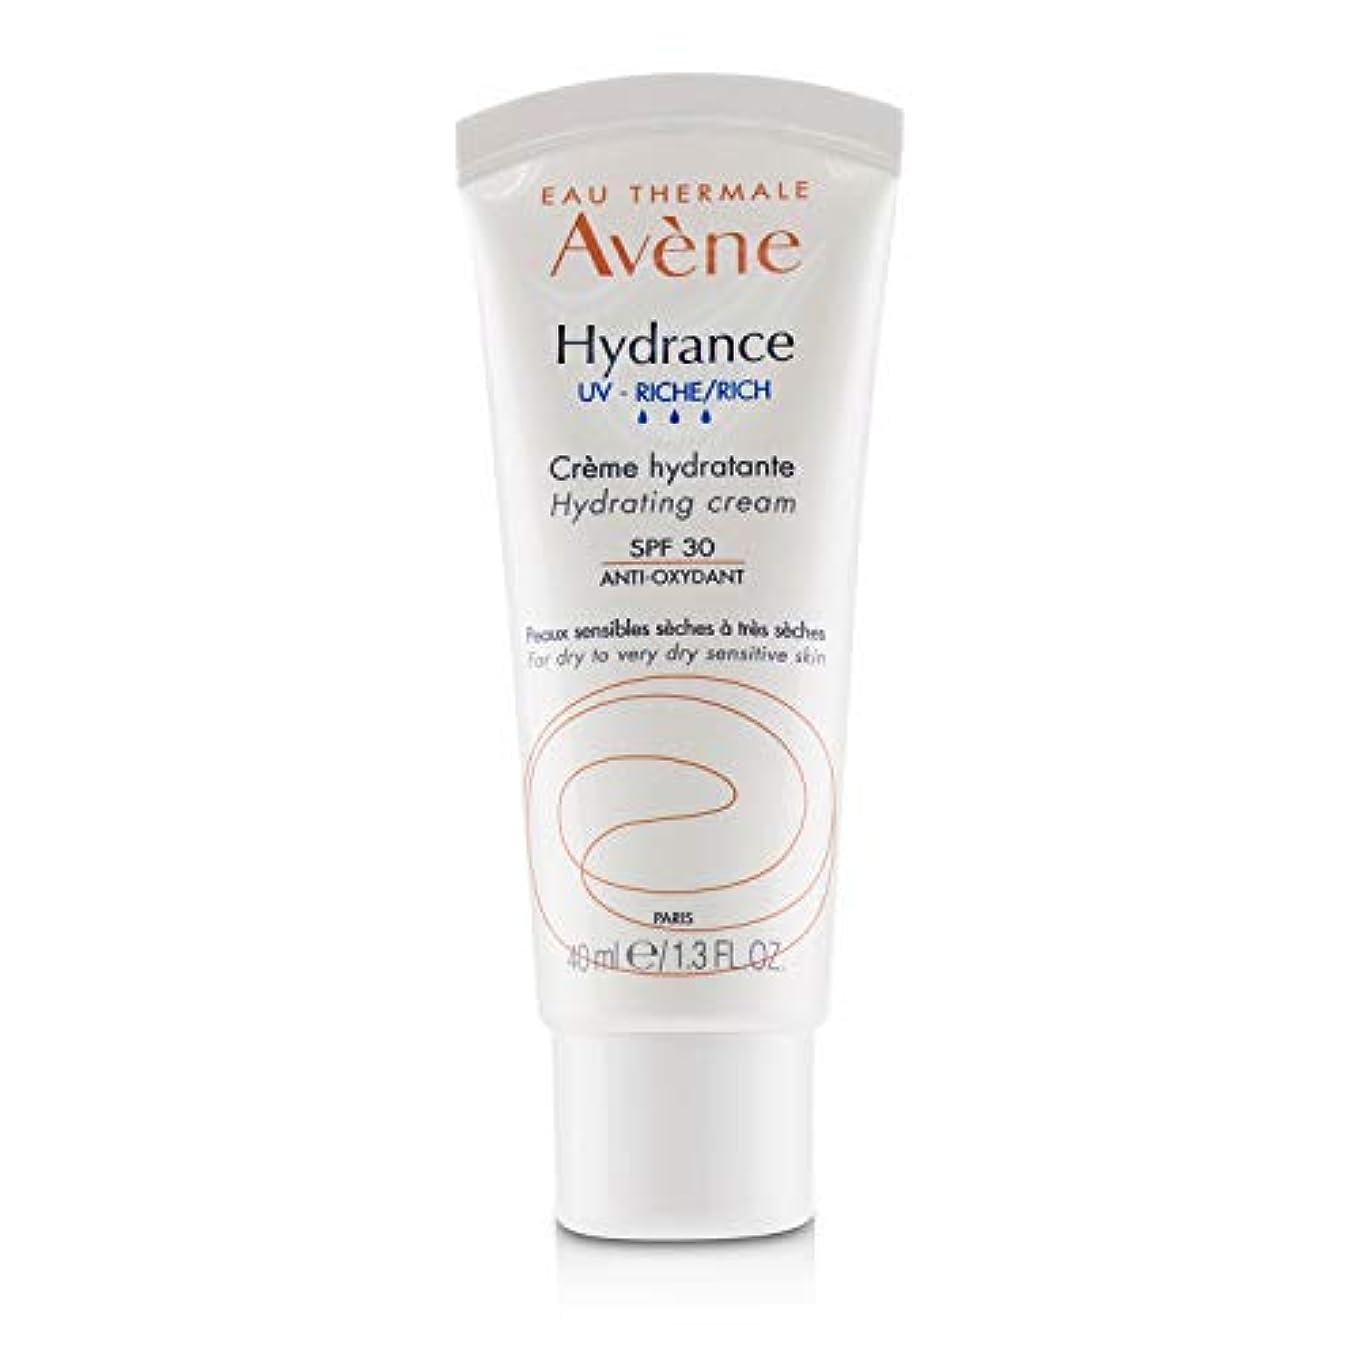 脅かす曲線チョコレートアベンヌ Hydrance UV RICH Hydrating Cream SPF 30 - For Dry to Very Dry Sensitive Skin 40ml/1.3oz並行輸入品